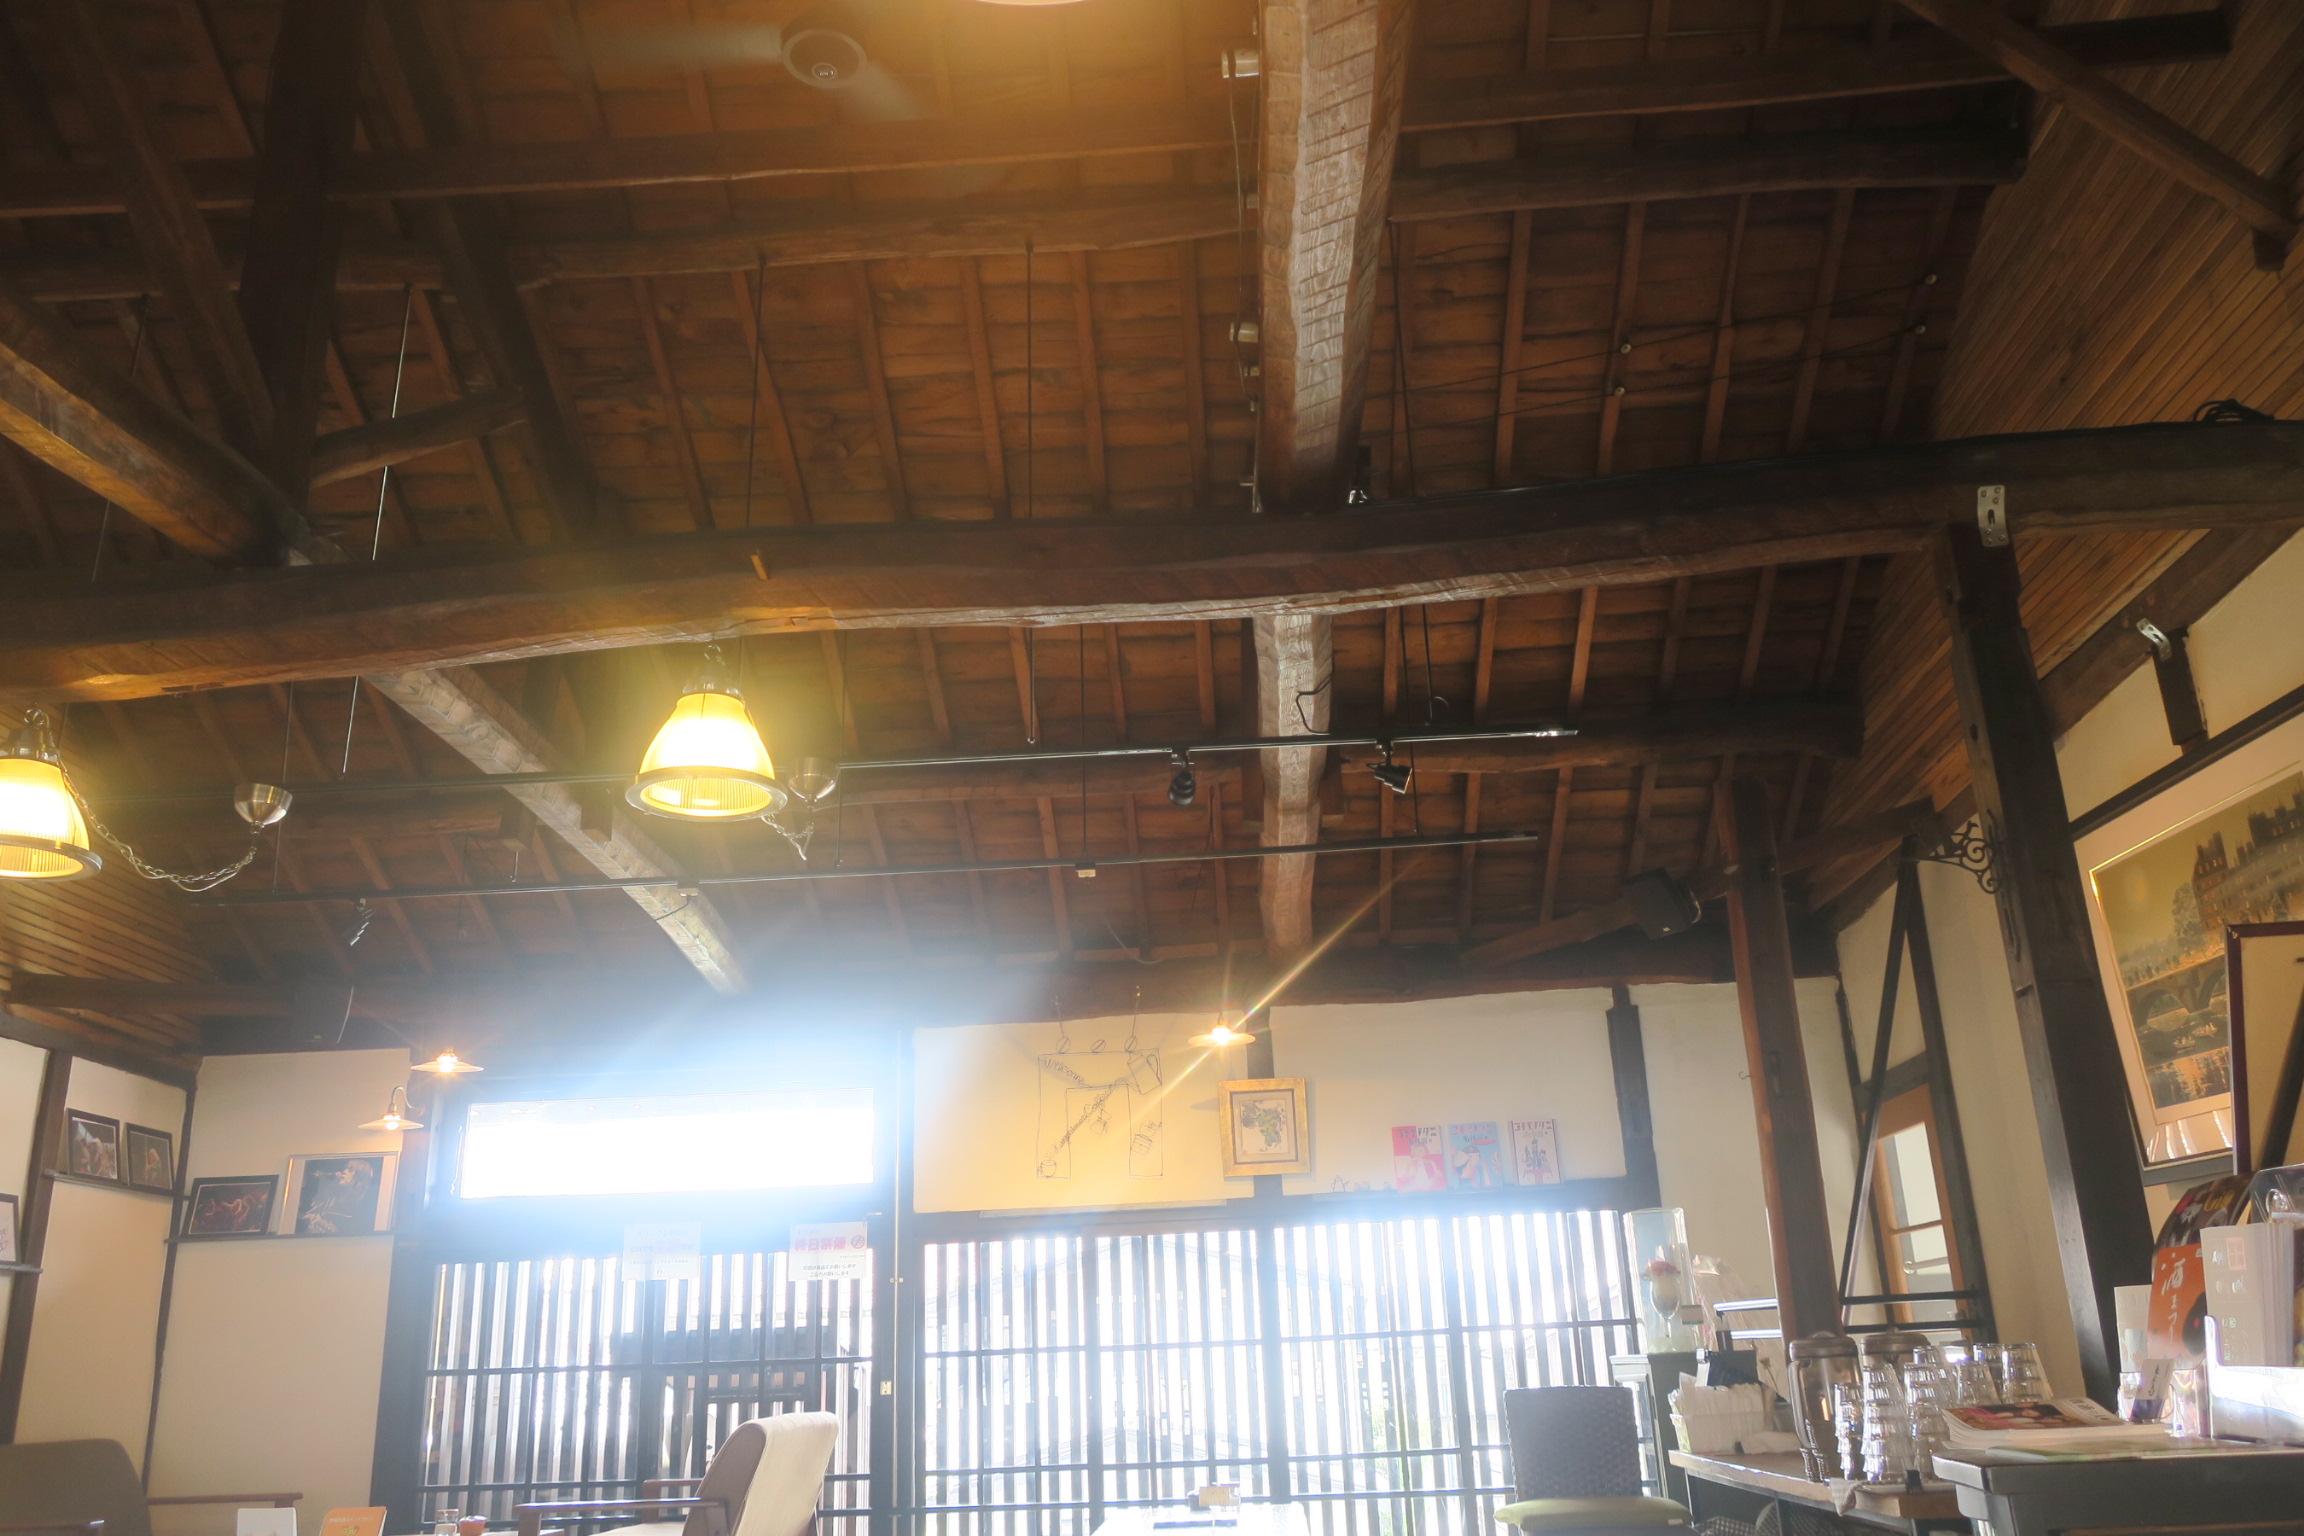 【東広島】JR西条駅前の酒蔵通り くぐり門珈琲店に行ってきたよ。